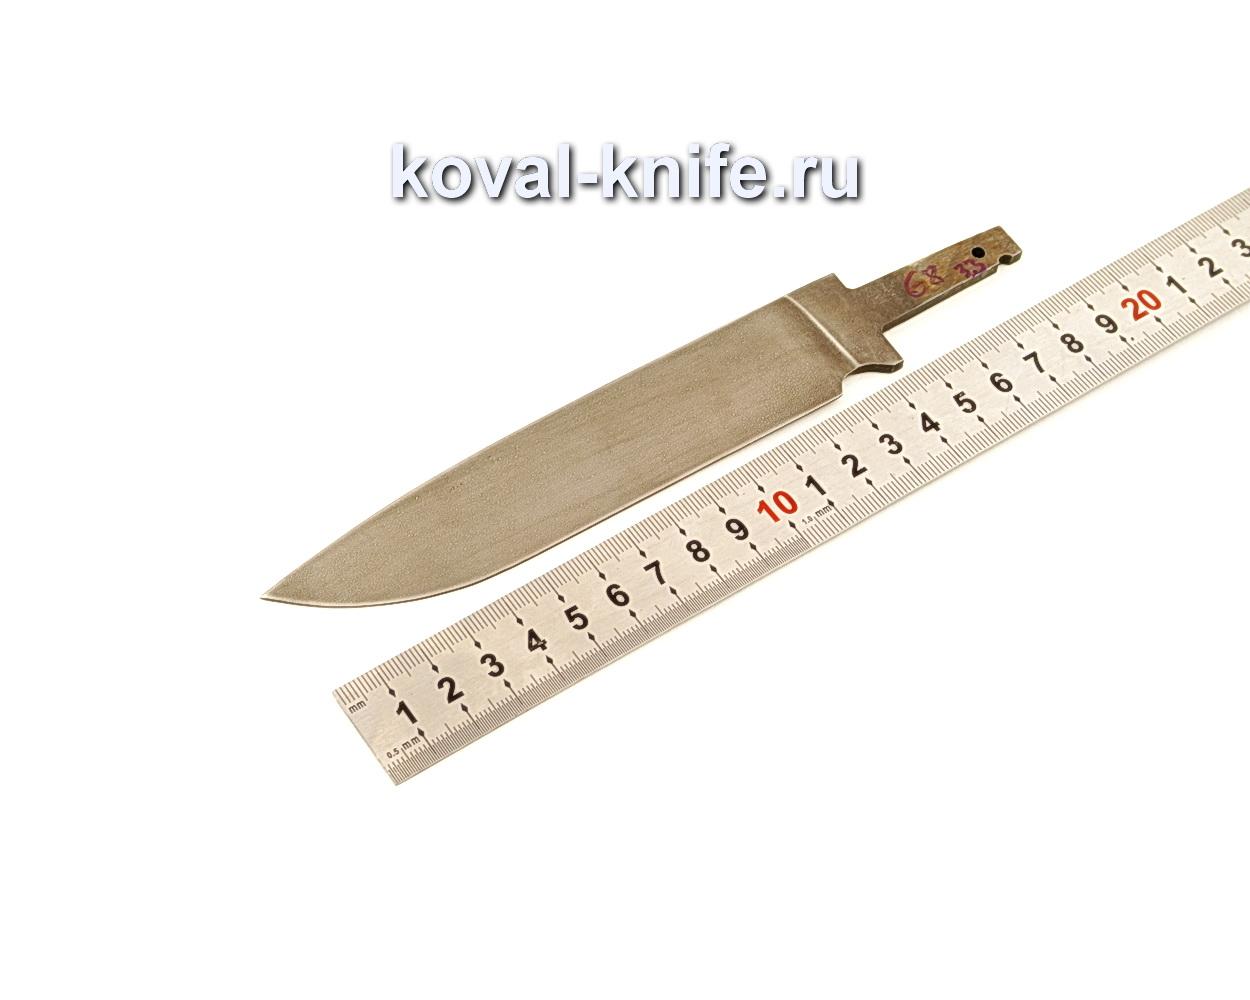 Клинок для ножа из кованой стали ХВГ N68